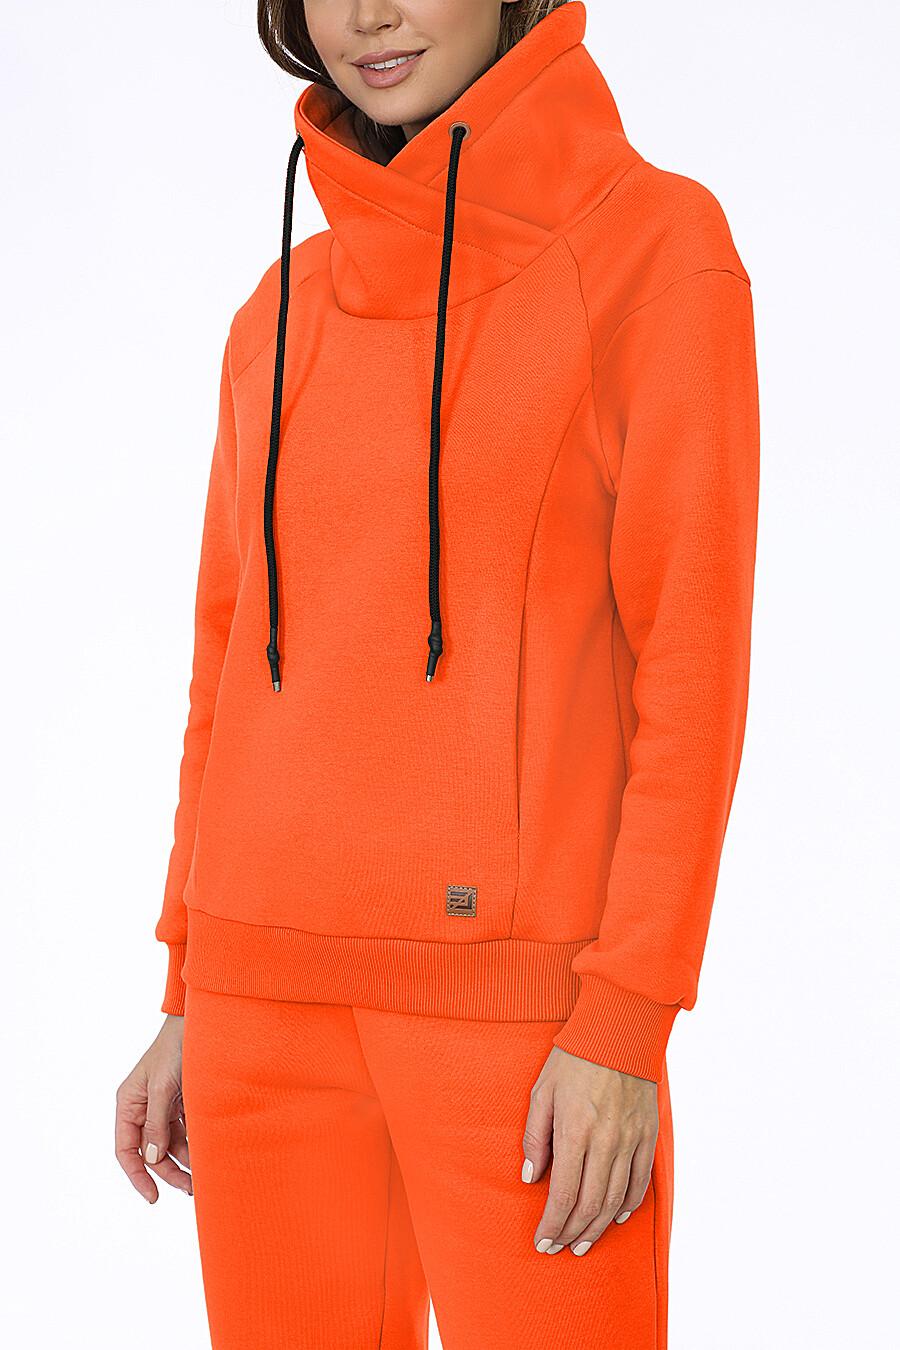 Костюм (Брюки+Худи) для женщин EZANNA 708239 купить оптом от производителя. Совместная покупка женской одежды в OptMoyo